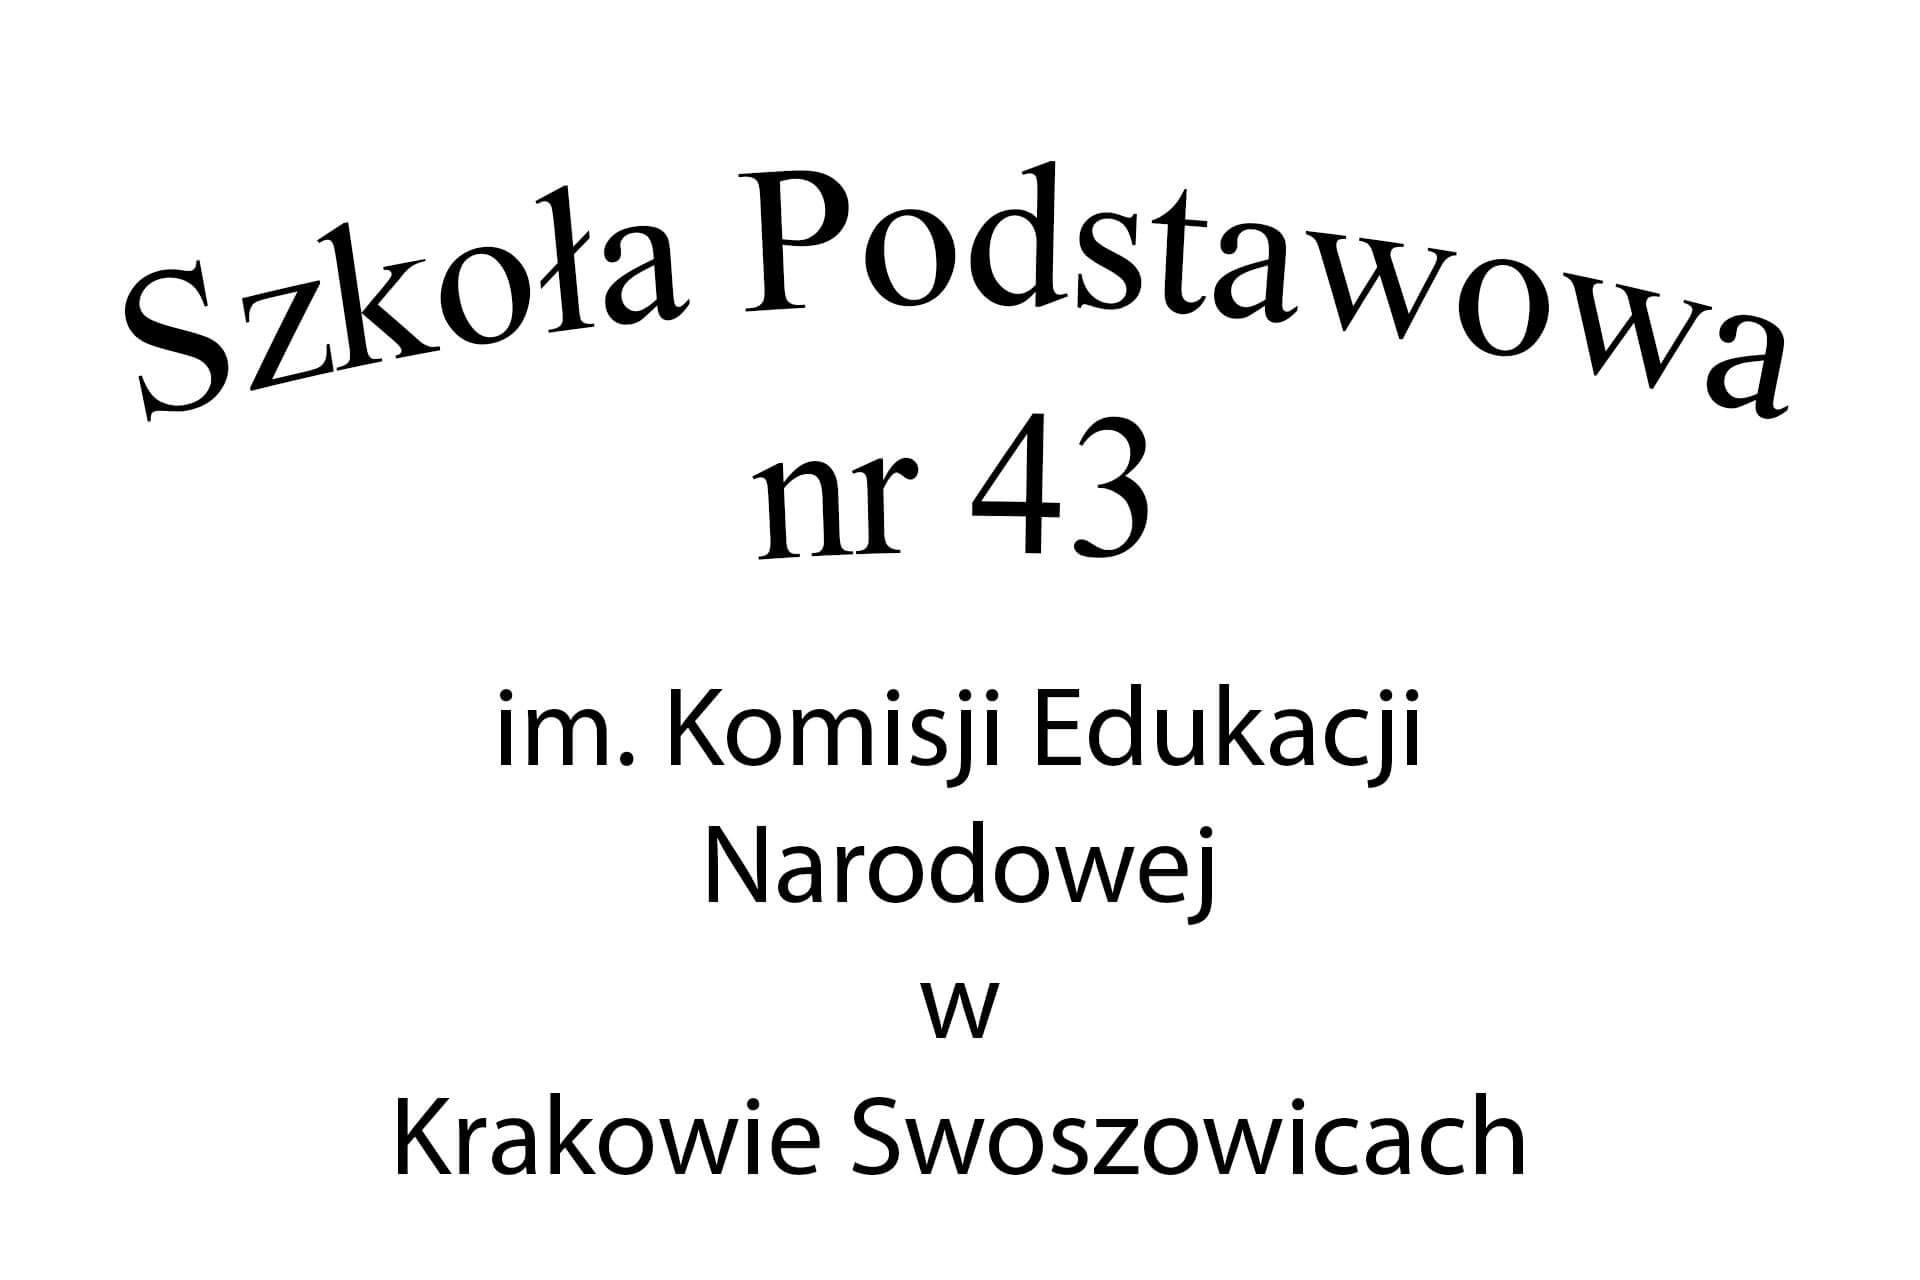 Szkoła Podstawowa nr 43 im. KEN w Krakowie Swoszowicach